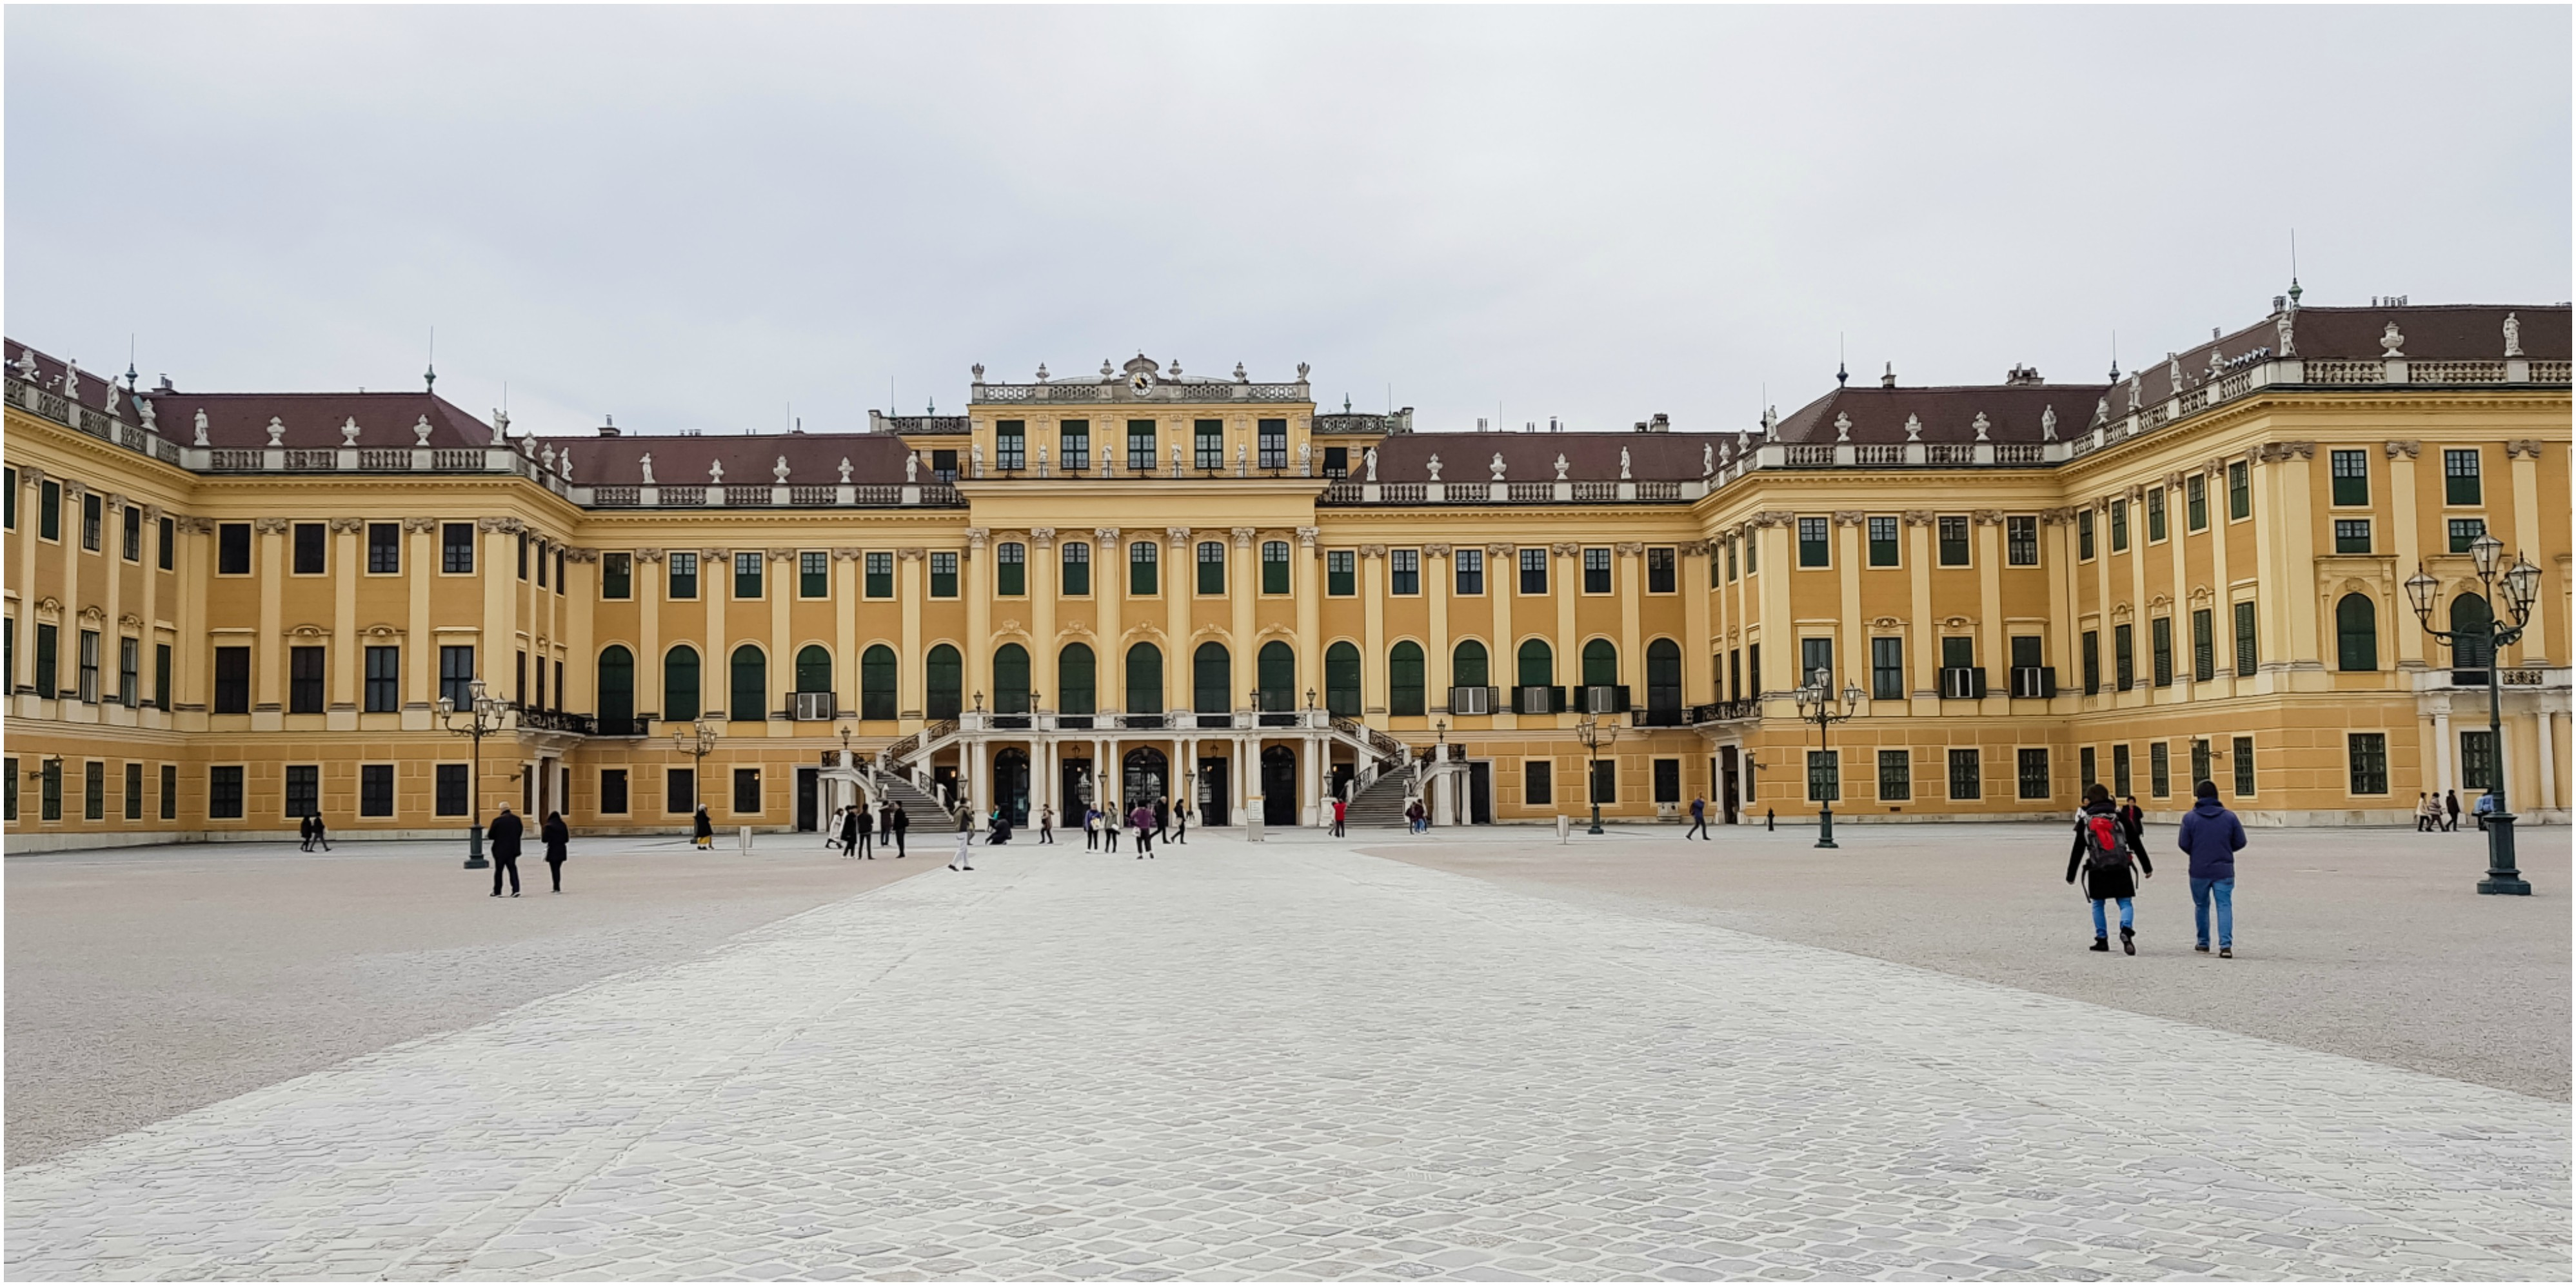 Vienne-3-jours-palais-schonbrunn-blog-voyage